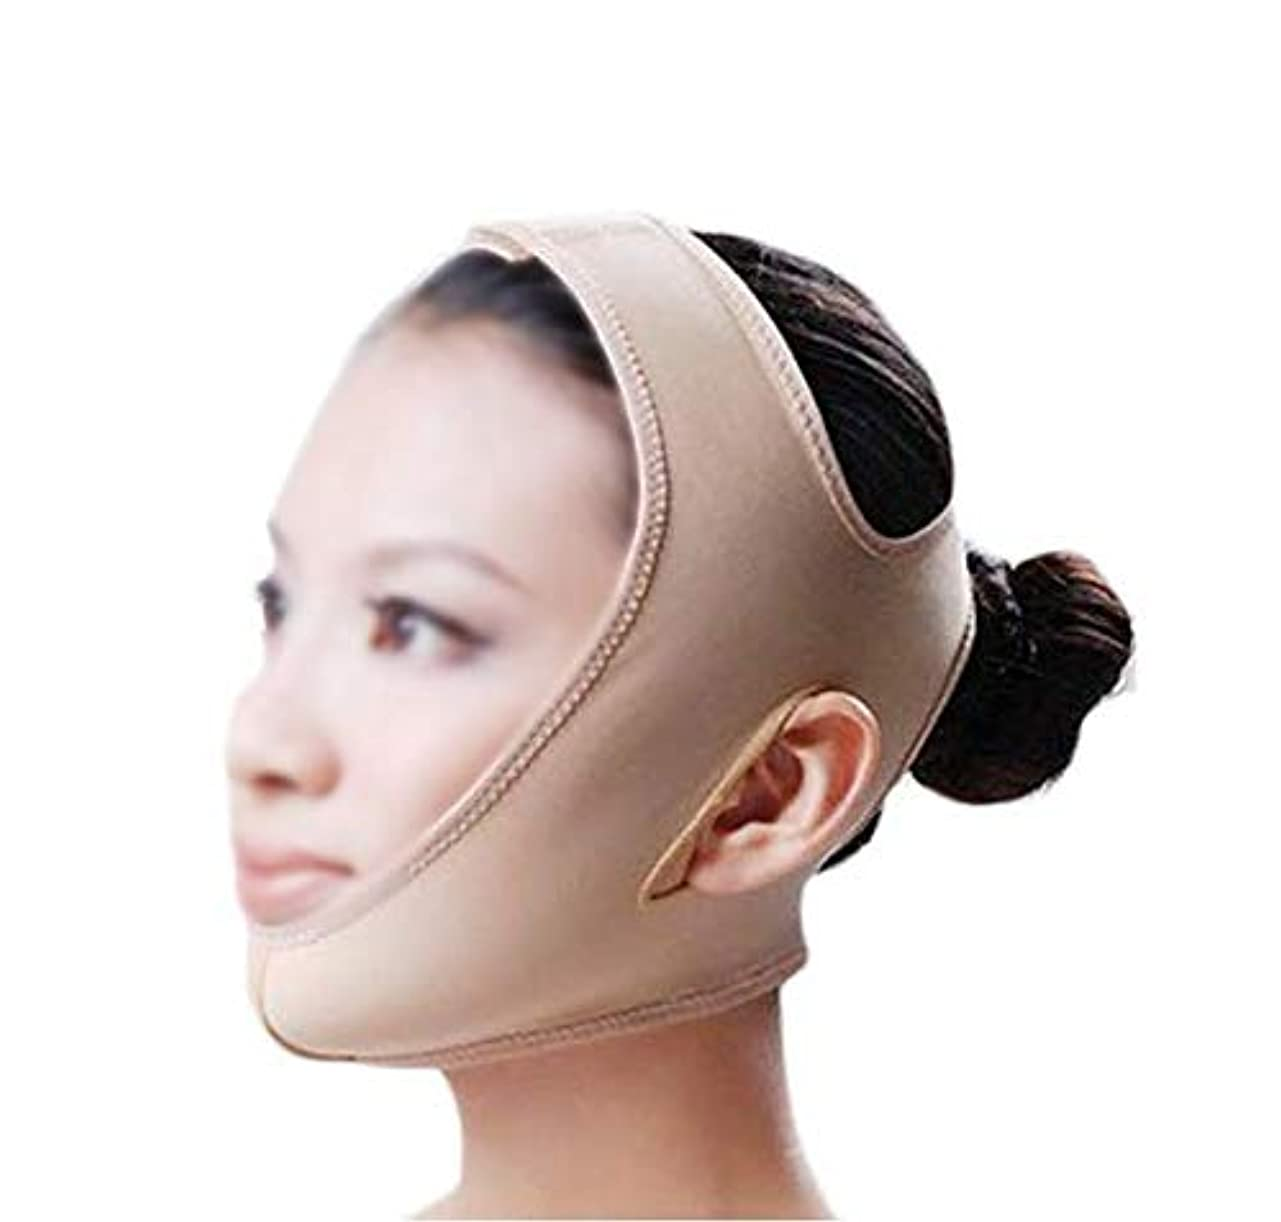 アーカイブ意見集団GLJJQMY 引き締めマスクマスクフェイシャルマスク美容薬マスク美容V顔包帯ライン彫刻引き締めしっかりした二重あごマスク 顔用整形マスク (Size : M)